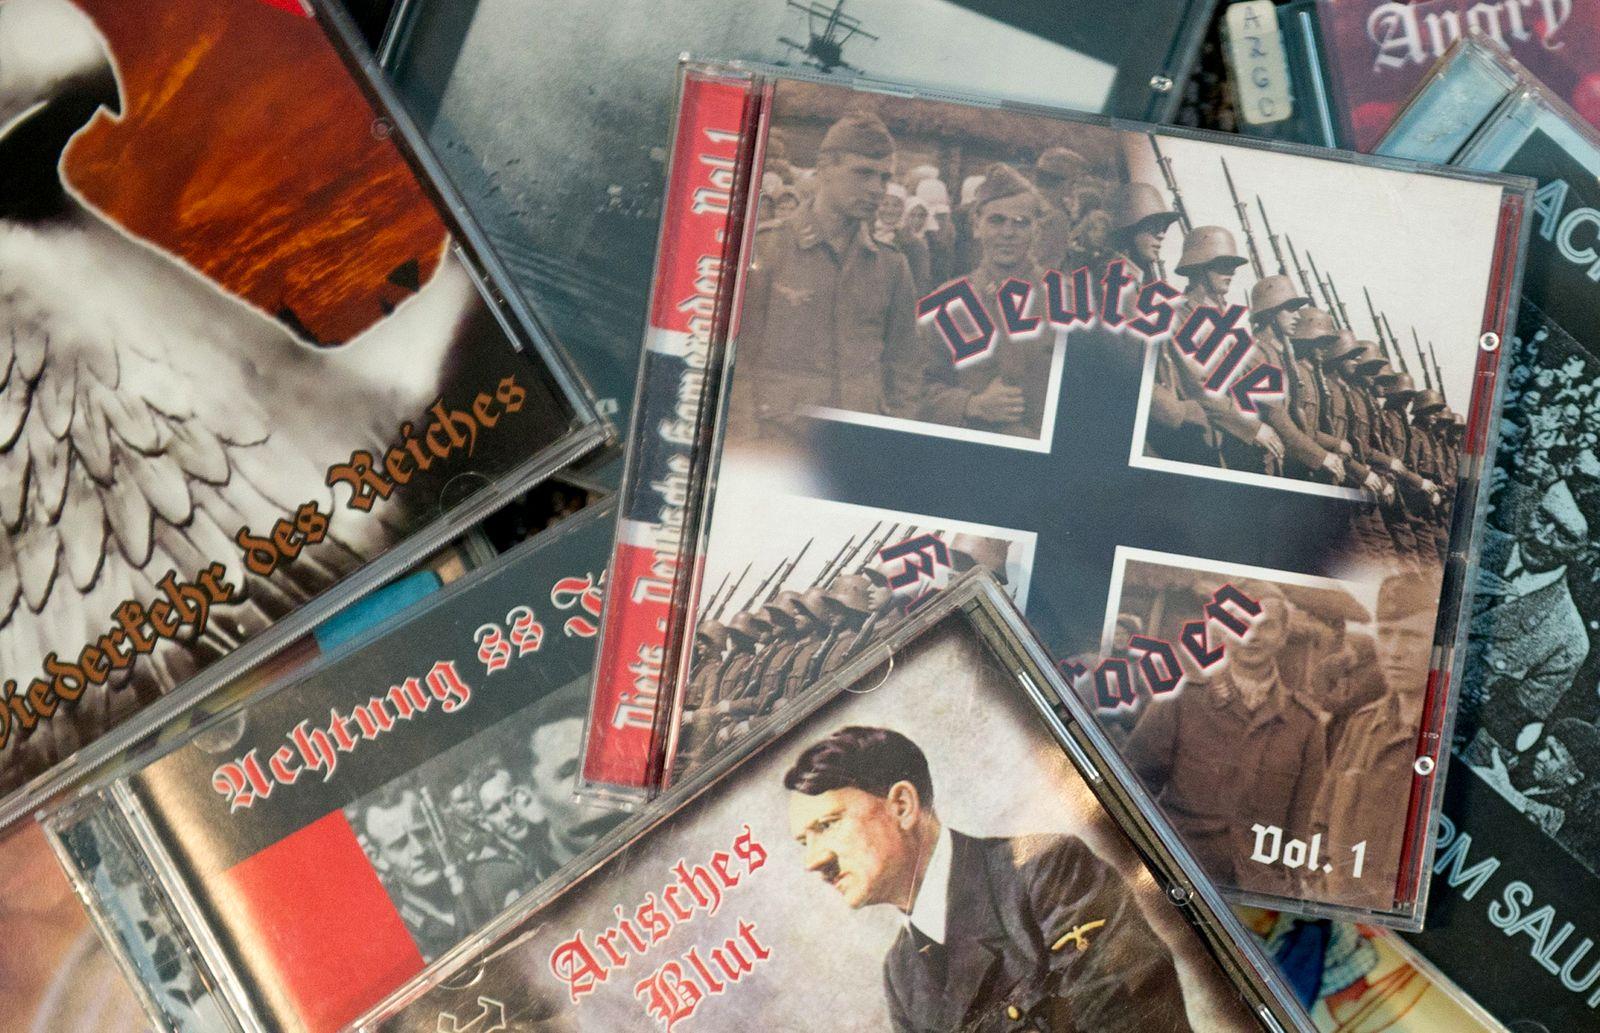 Extremistische Musik - Tonträger auf dem Index